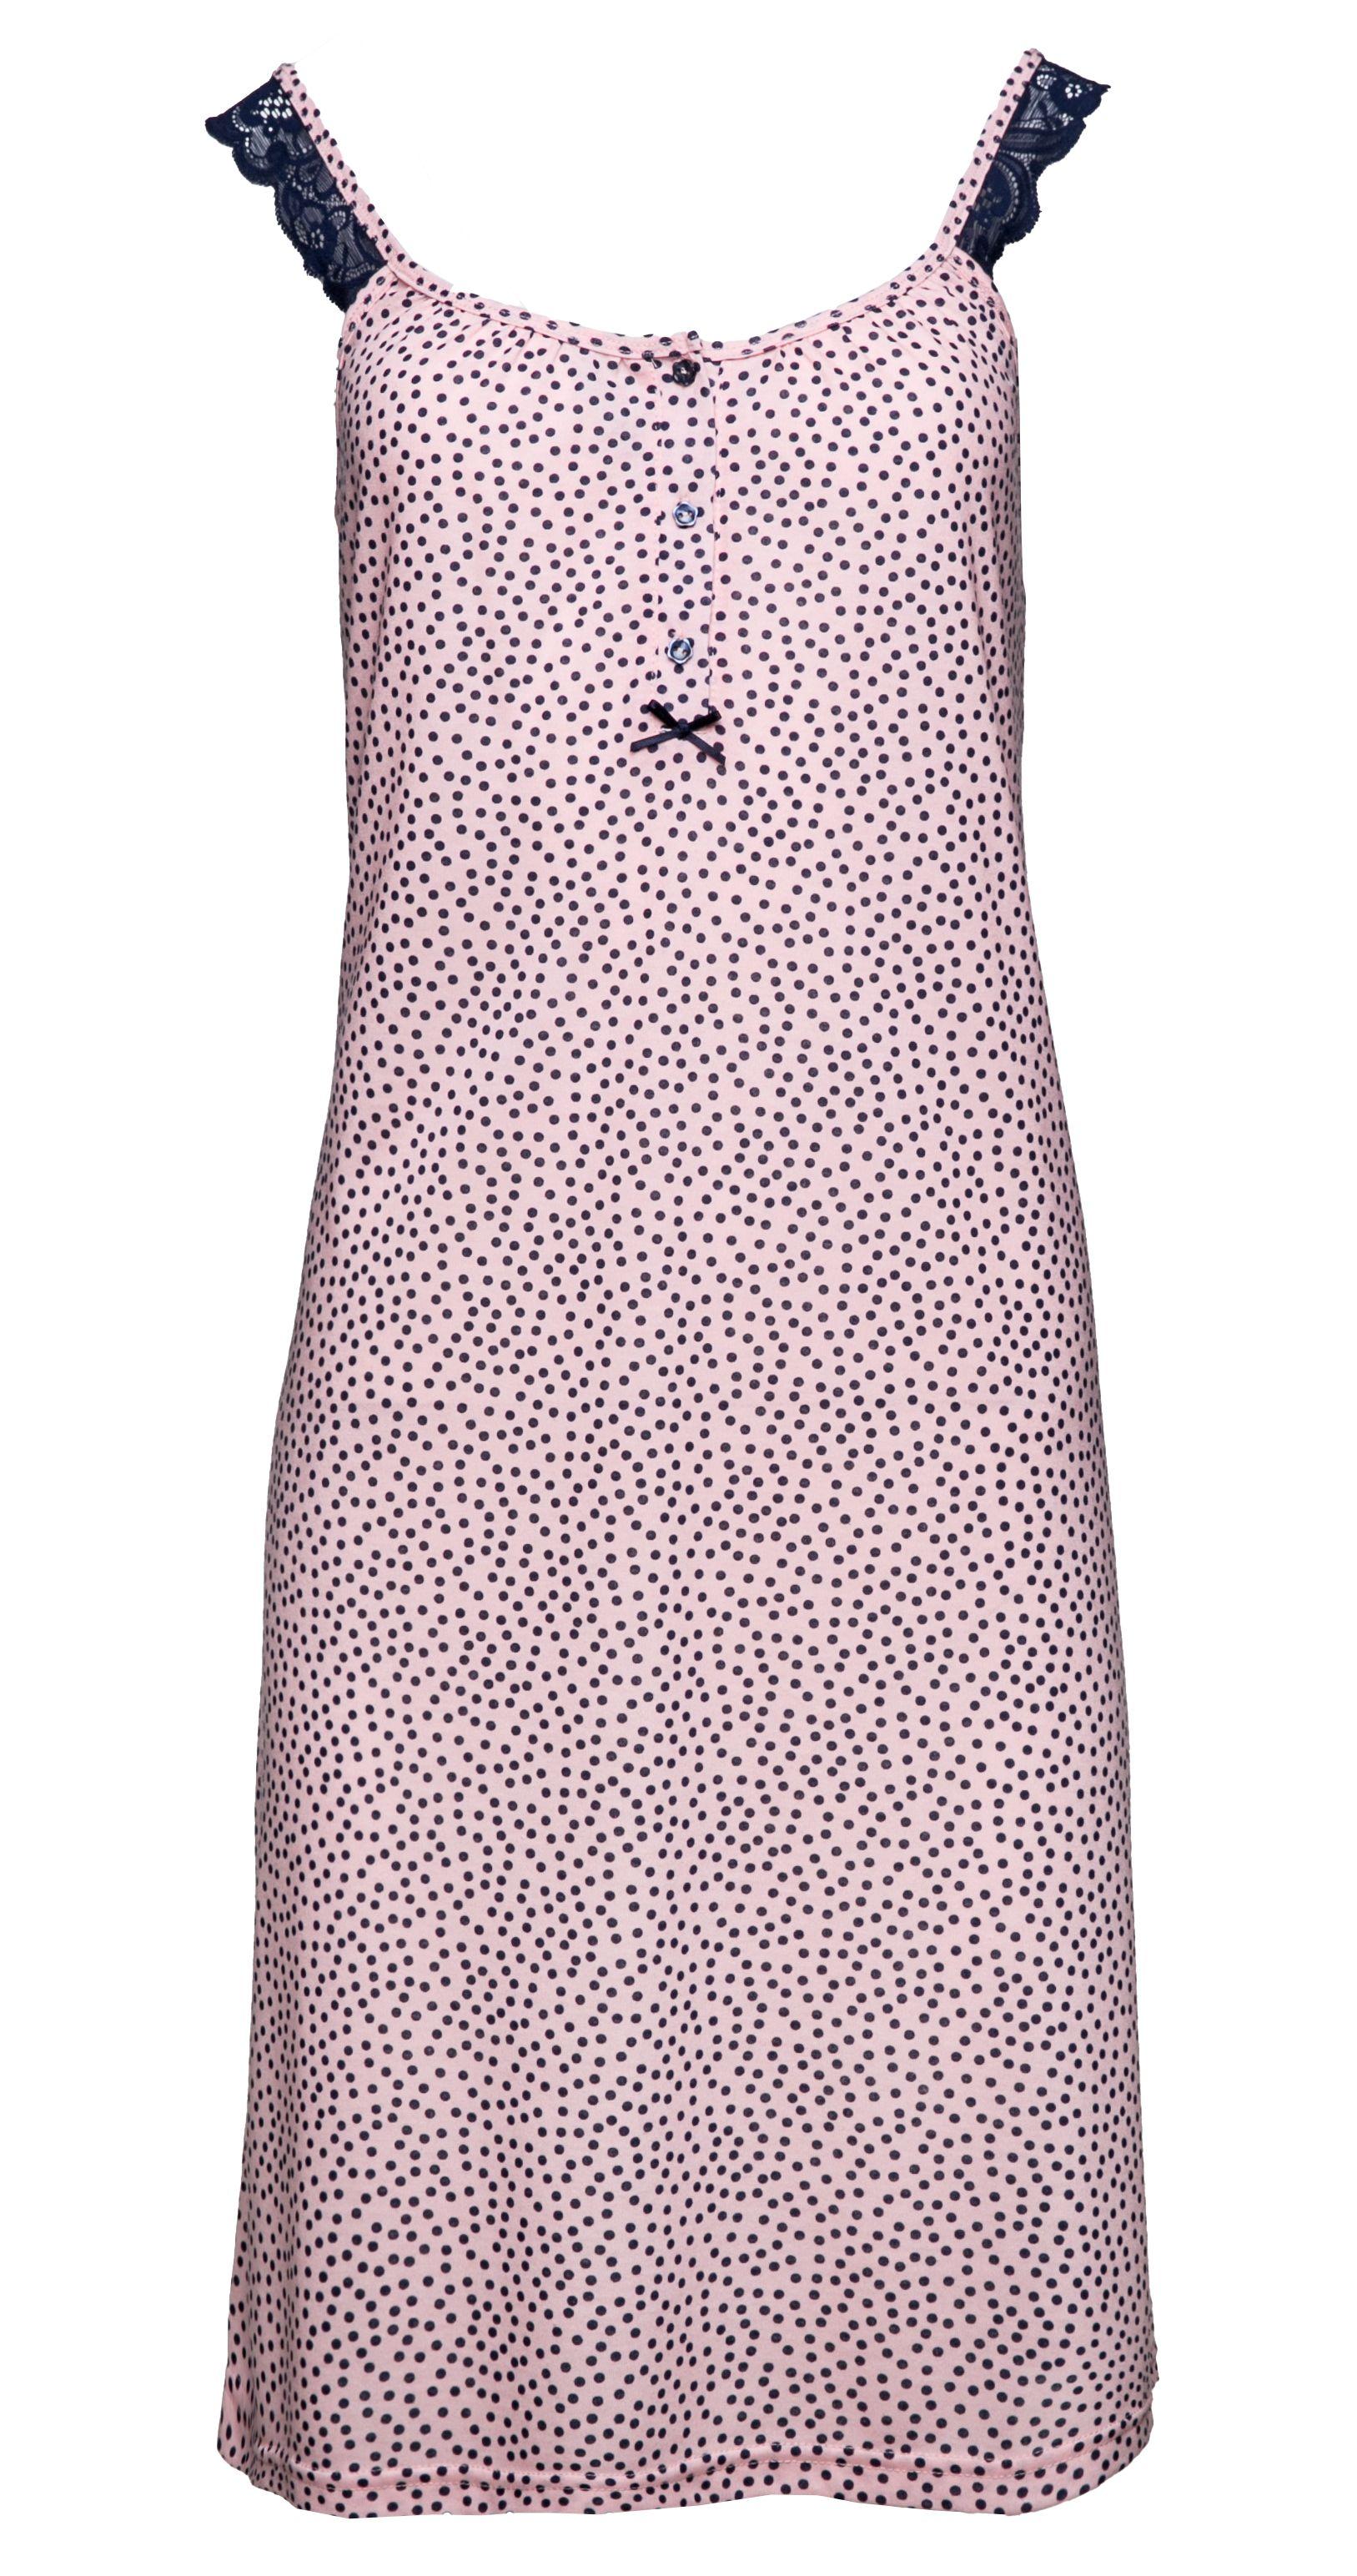 41d2986cf25b Γυναικεία Νυχτικό Pink Label - Cotton - Modal - Τιράντα - Εγκυμοσύνη ...